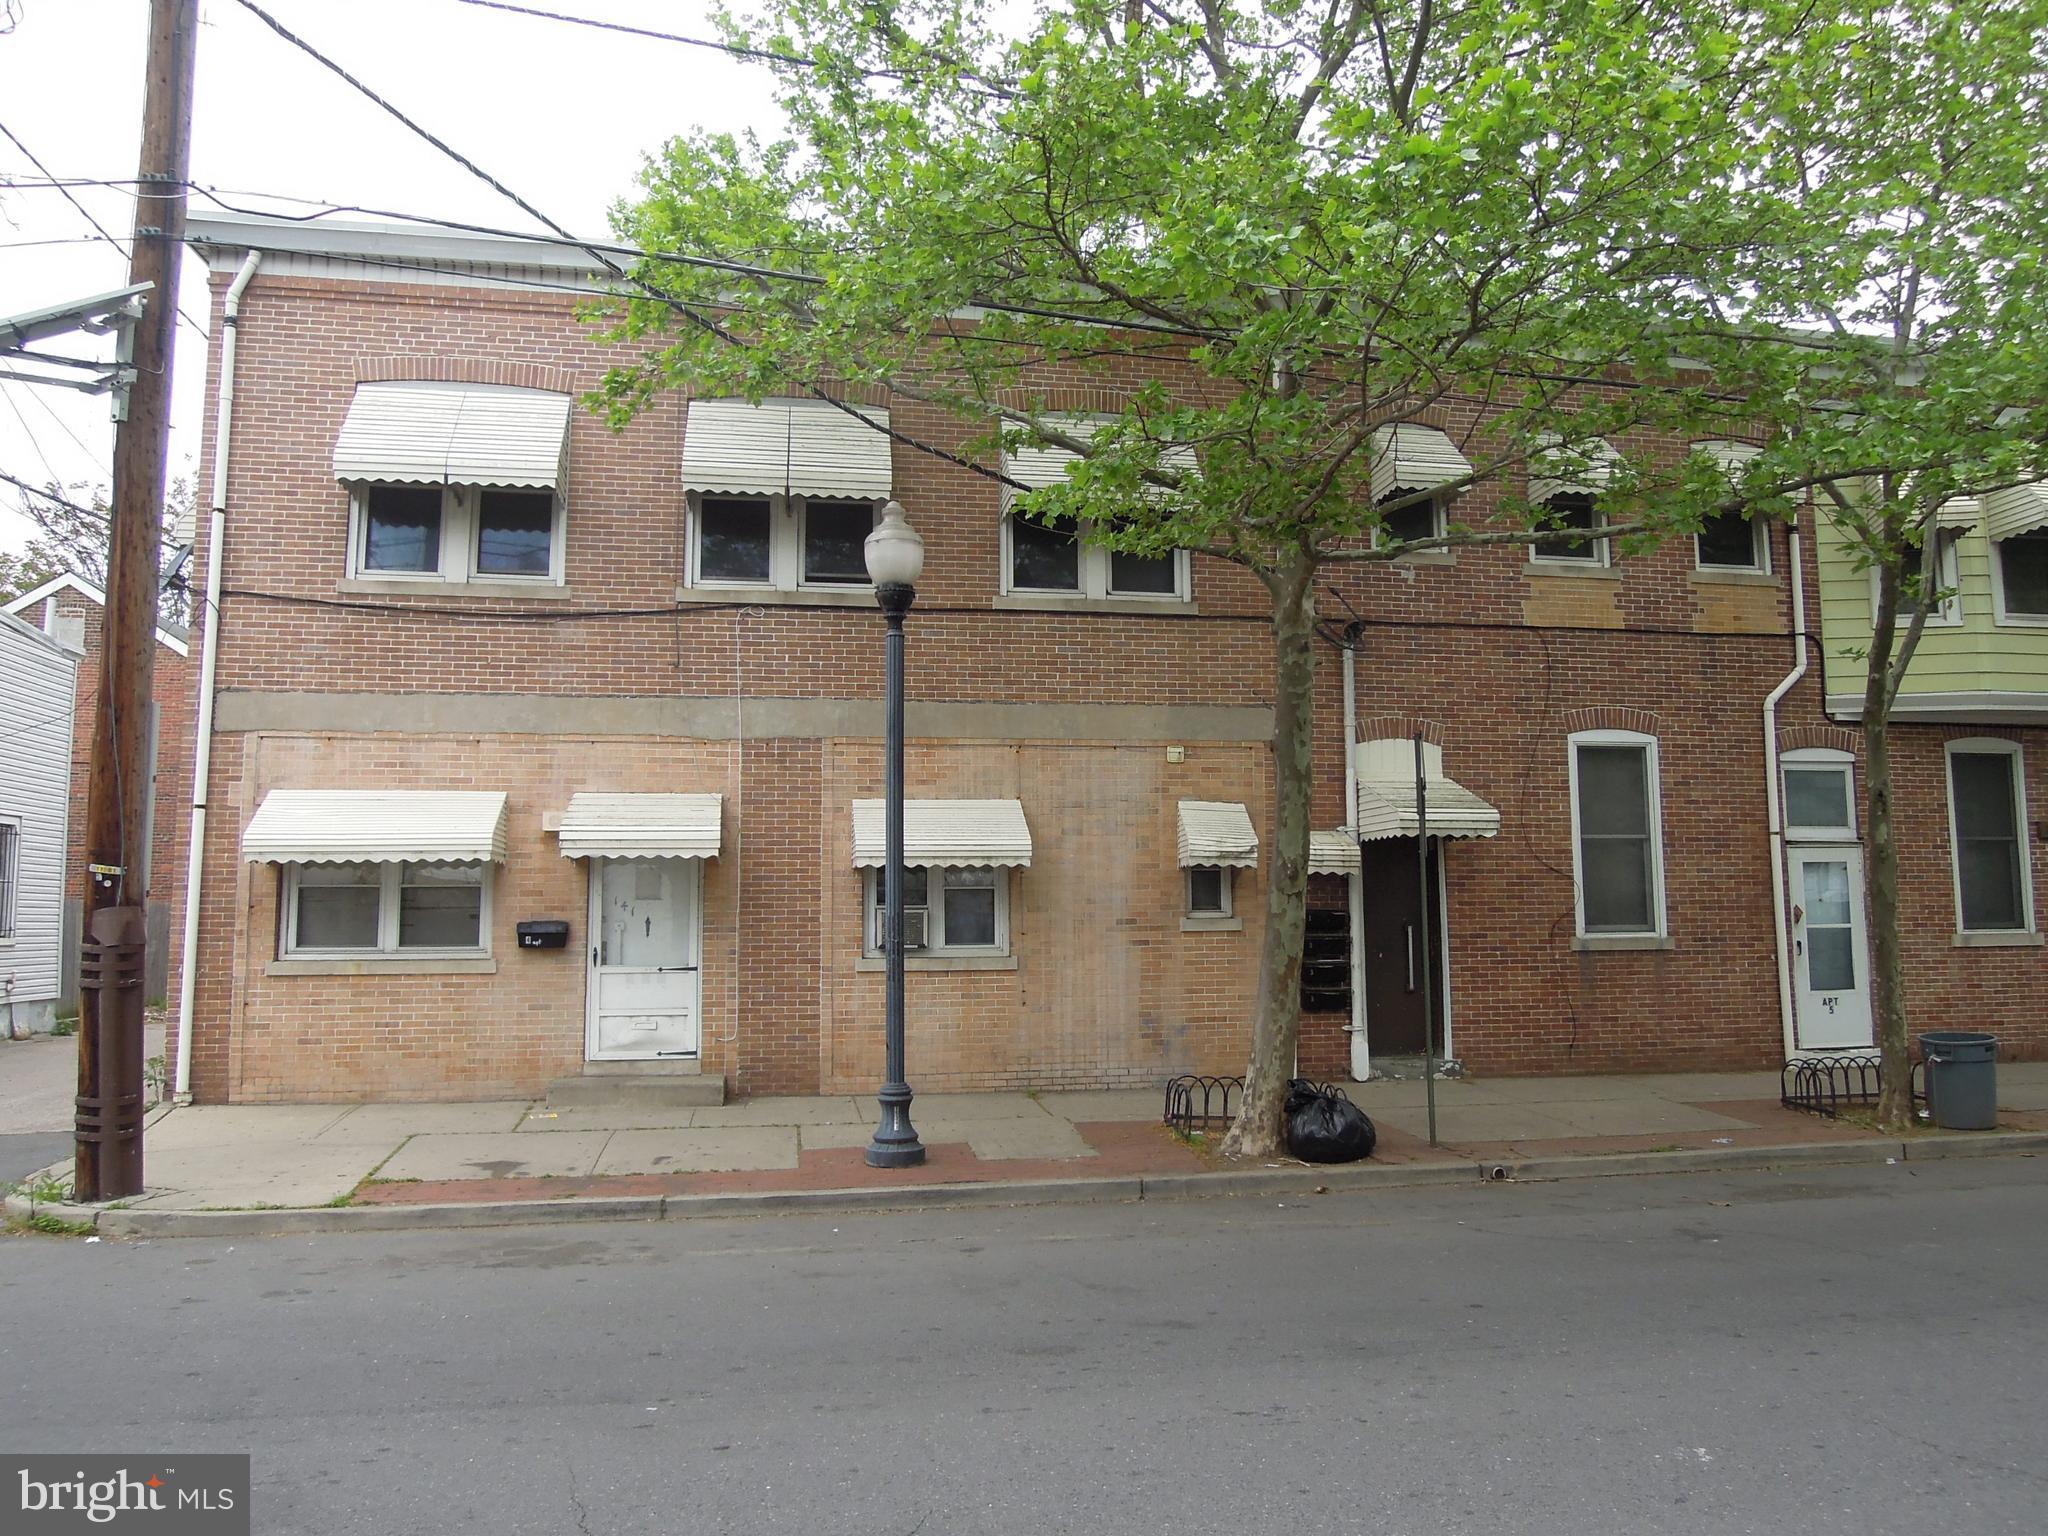 141 FULTON STREET, TRENTON, NJ 08611